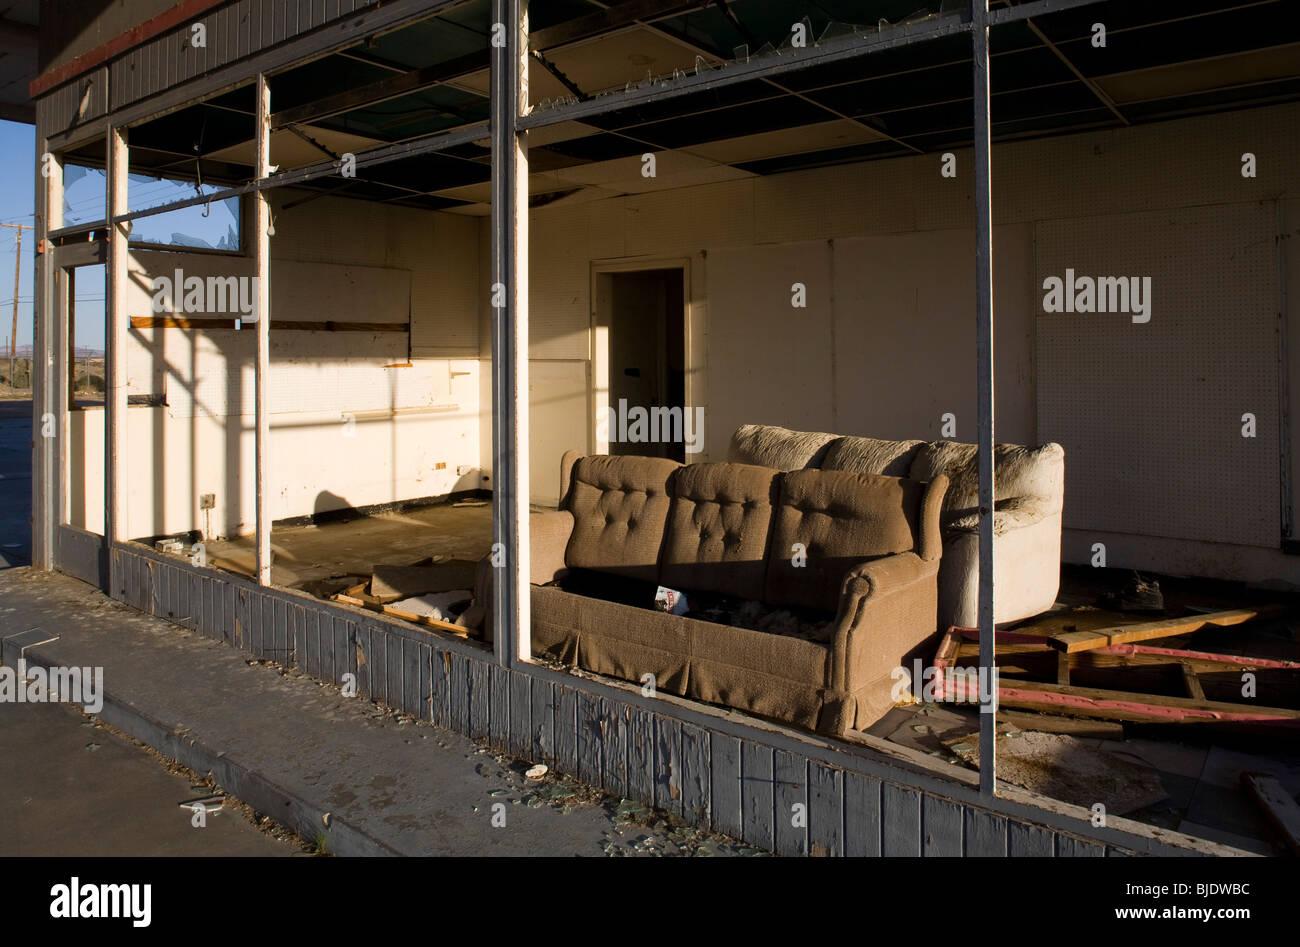 Abandoned Gas Station, Yermo, California, United States of America - Stock Image